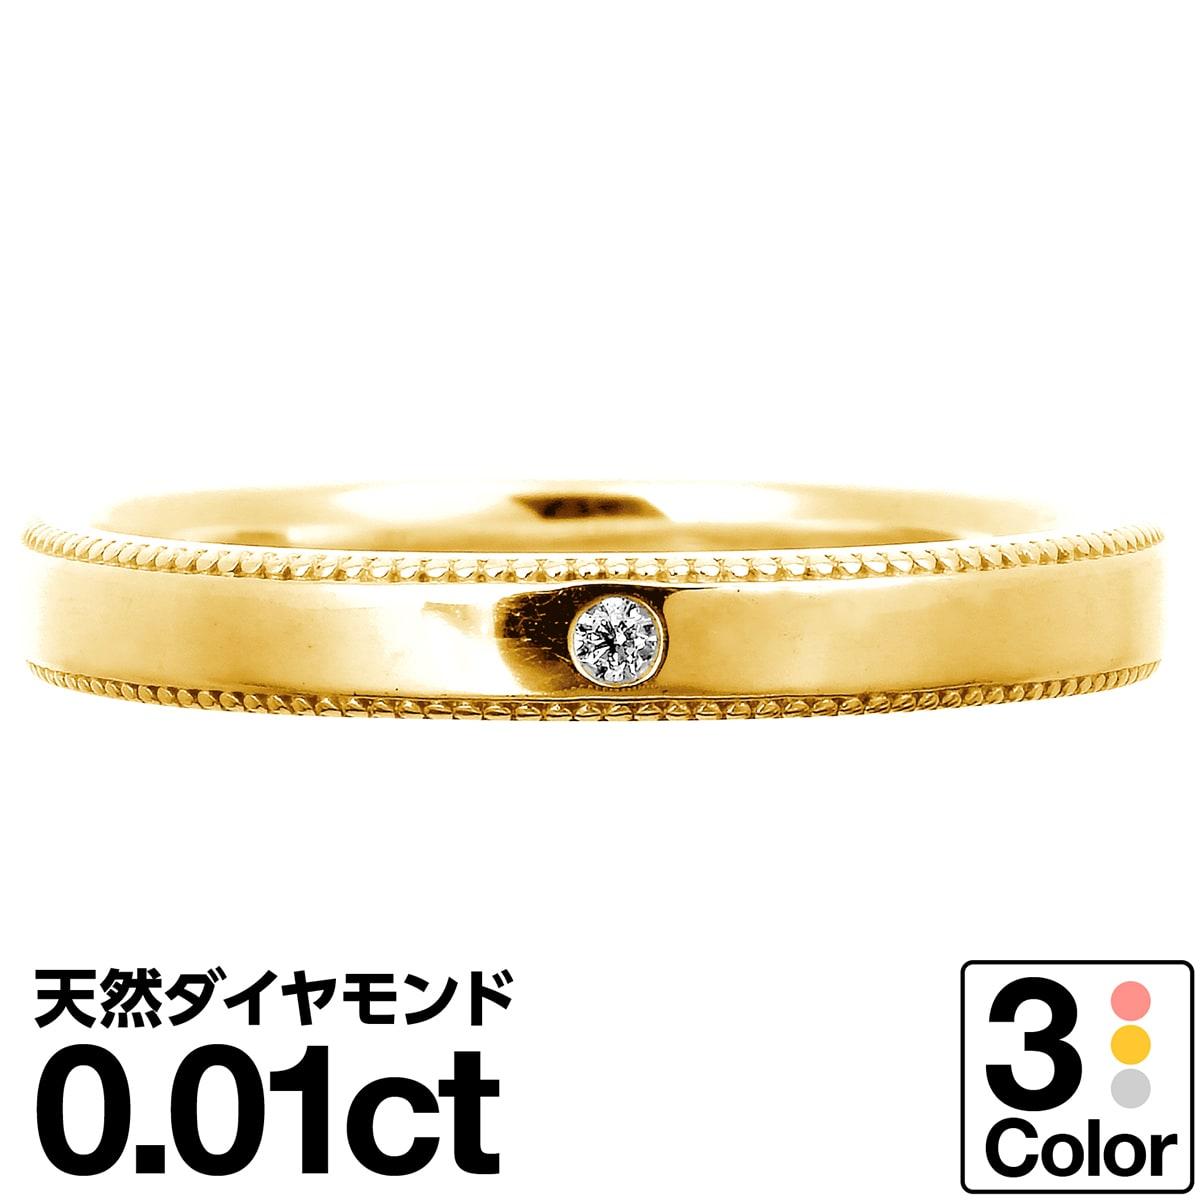 一粒 天然ダイヤモンド リング k18 イエローゴールド/ホワイトゴールド/ピンクゴールド 品質保証書 金属アレルギー 日本製